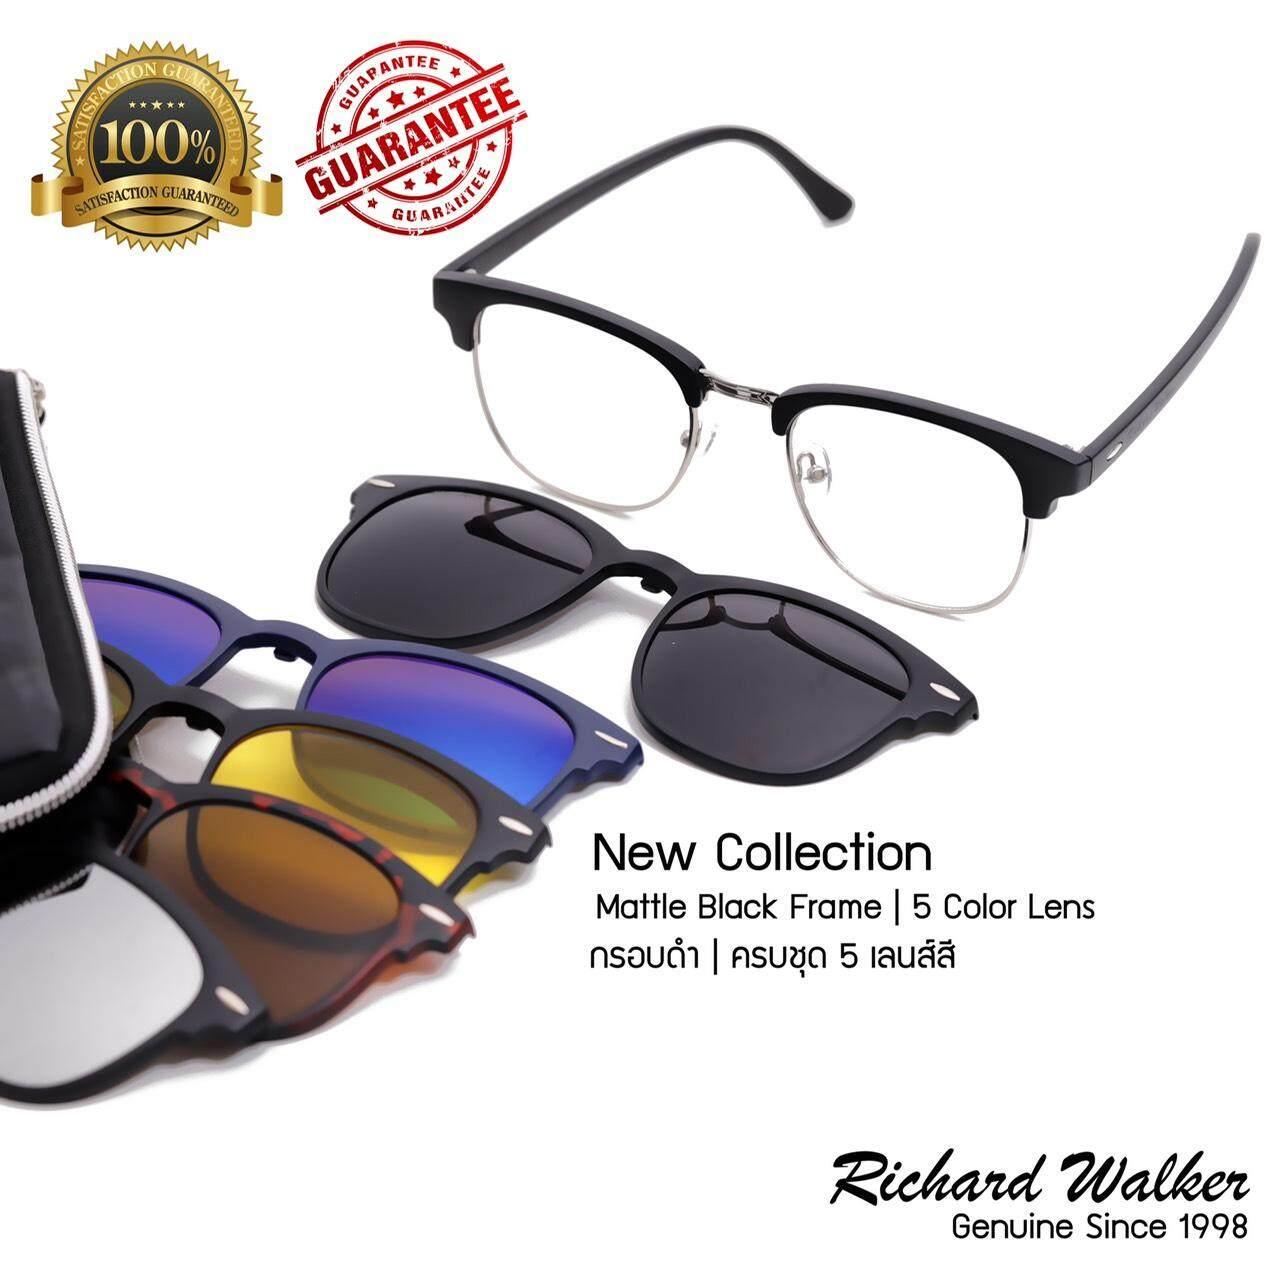 แว่นตากันแดด Richard Walker Sunglasses รุ่น Rw1003 New Collection 400uv Mattle Black Frame 5 Color Lens กรอบดำ พร้อมเลนส์ครบชุด 5 เลนส์สี แว่นตากันแดด แฟชั่น ขายดีที่สุด.